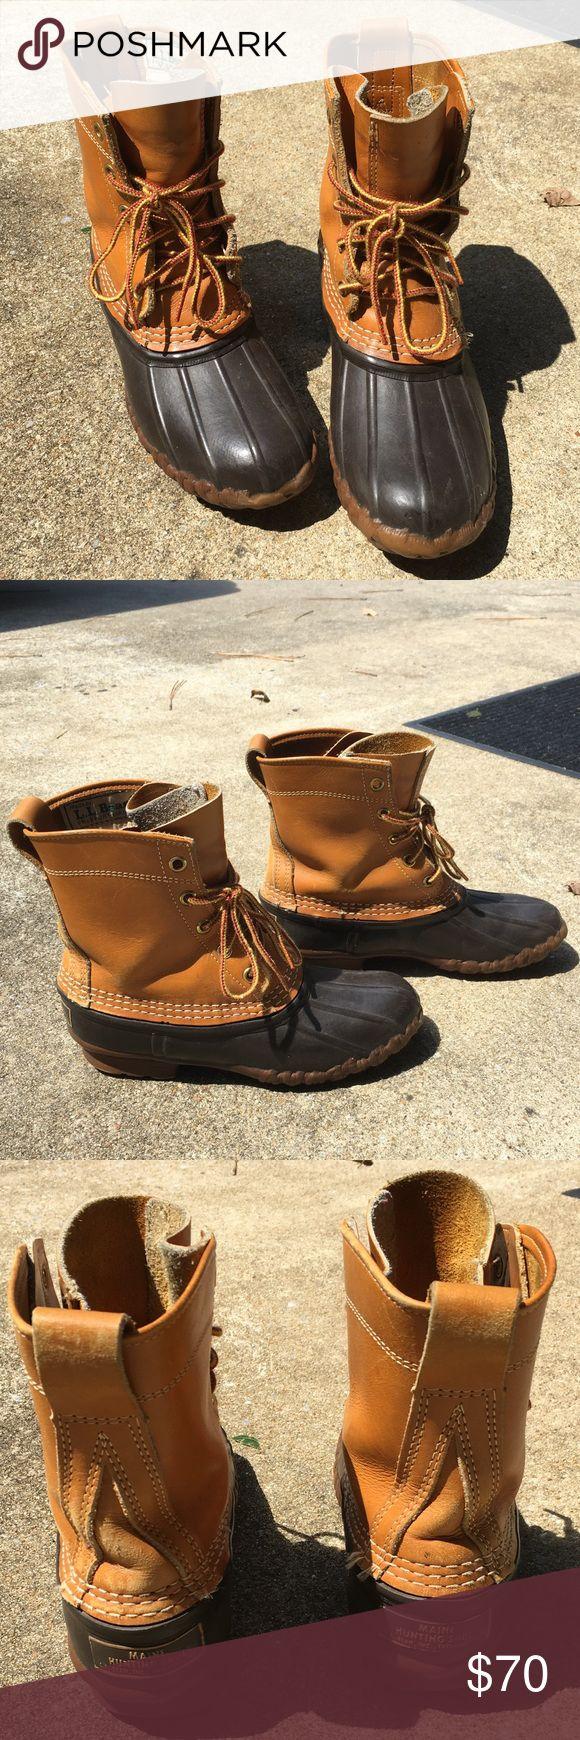 L l bean order form - L L Bean Boots Womens